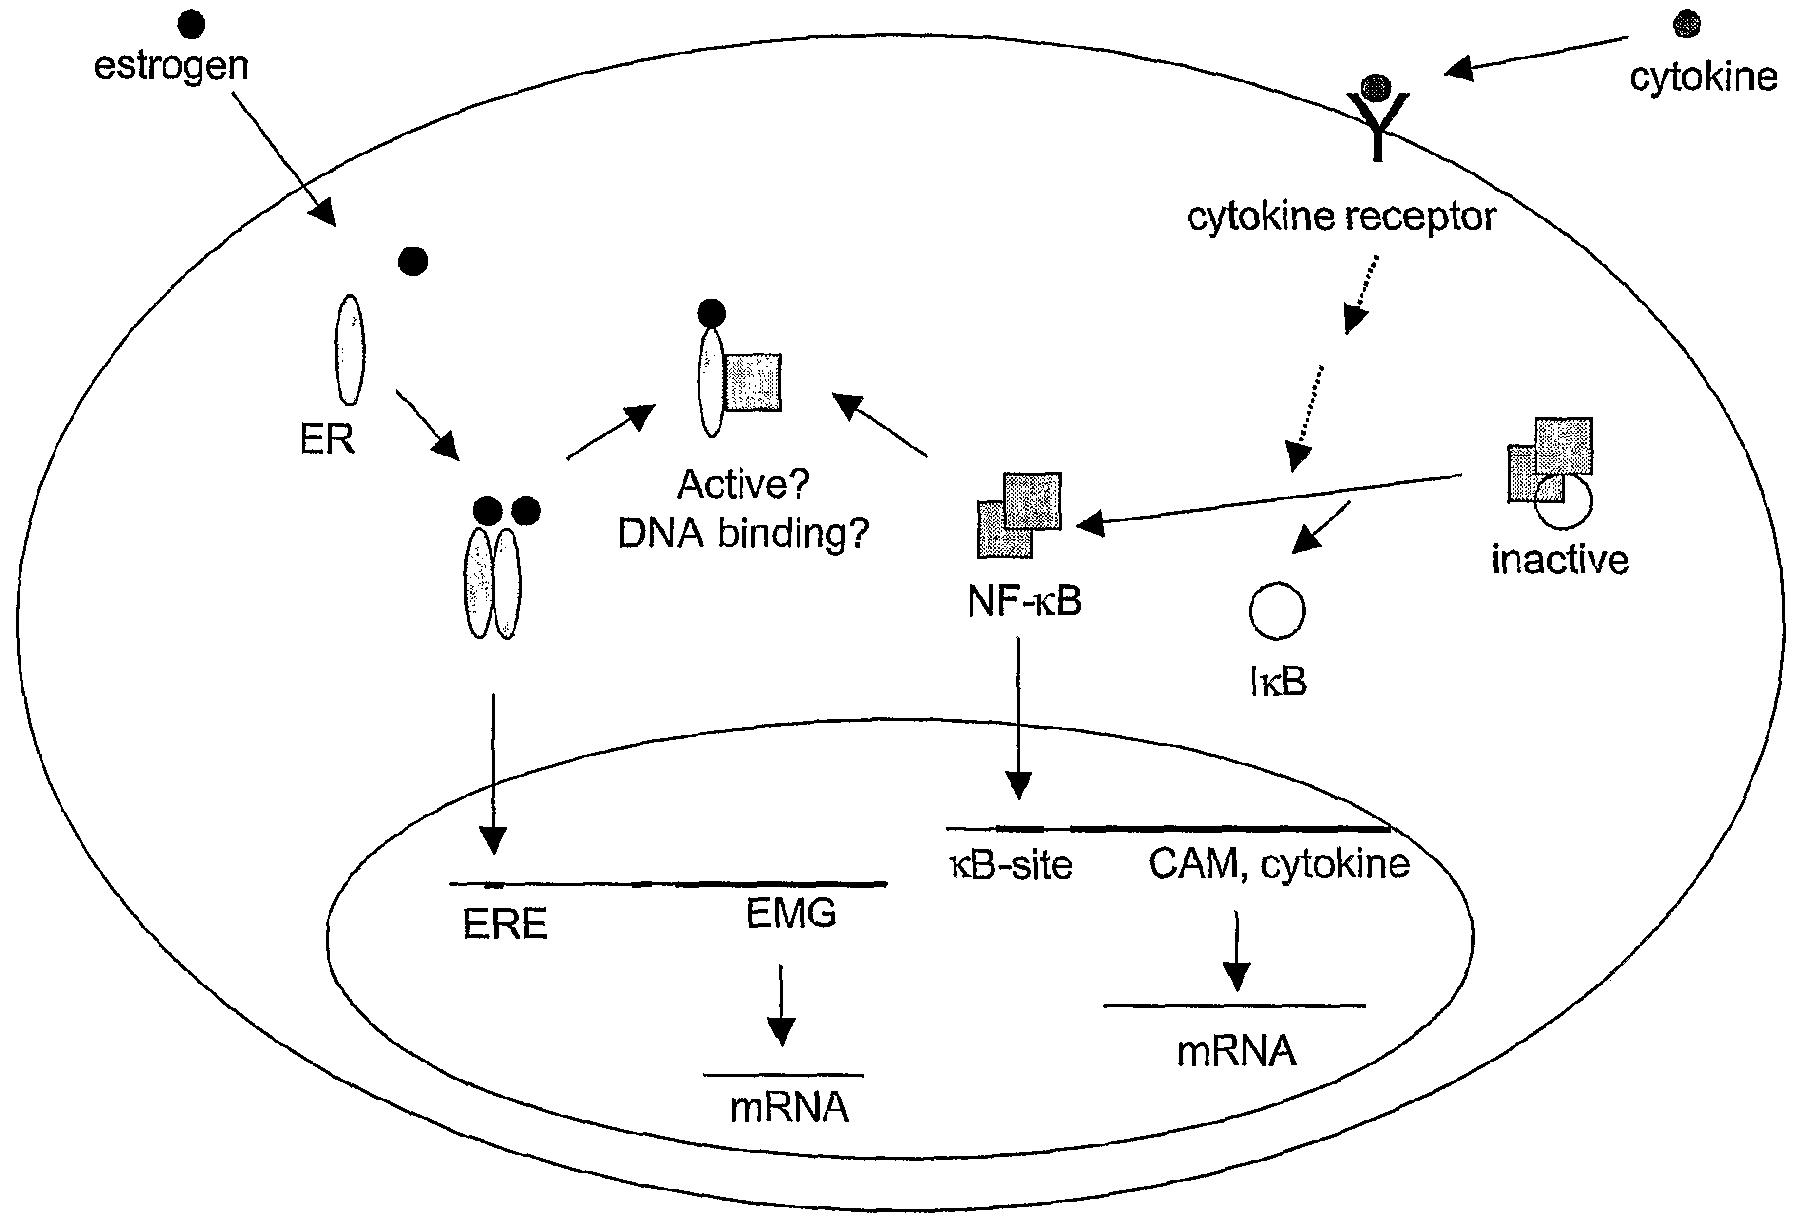 Estrogen receptor binding assay kit